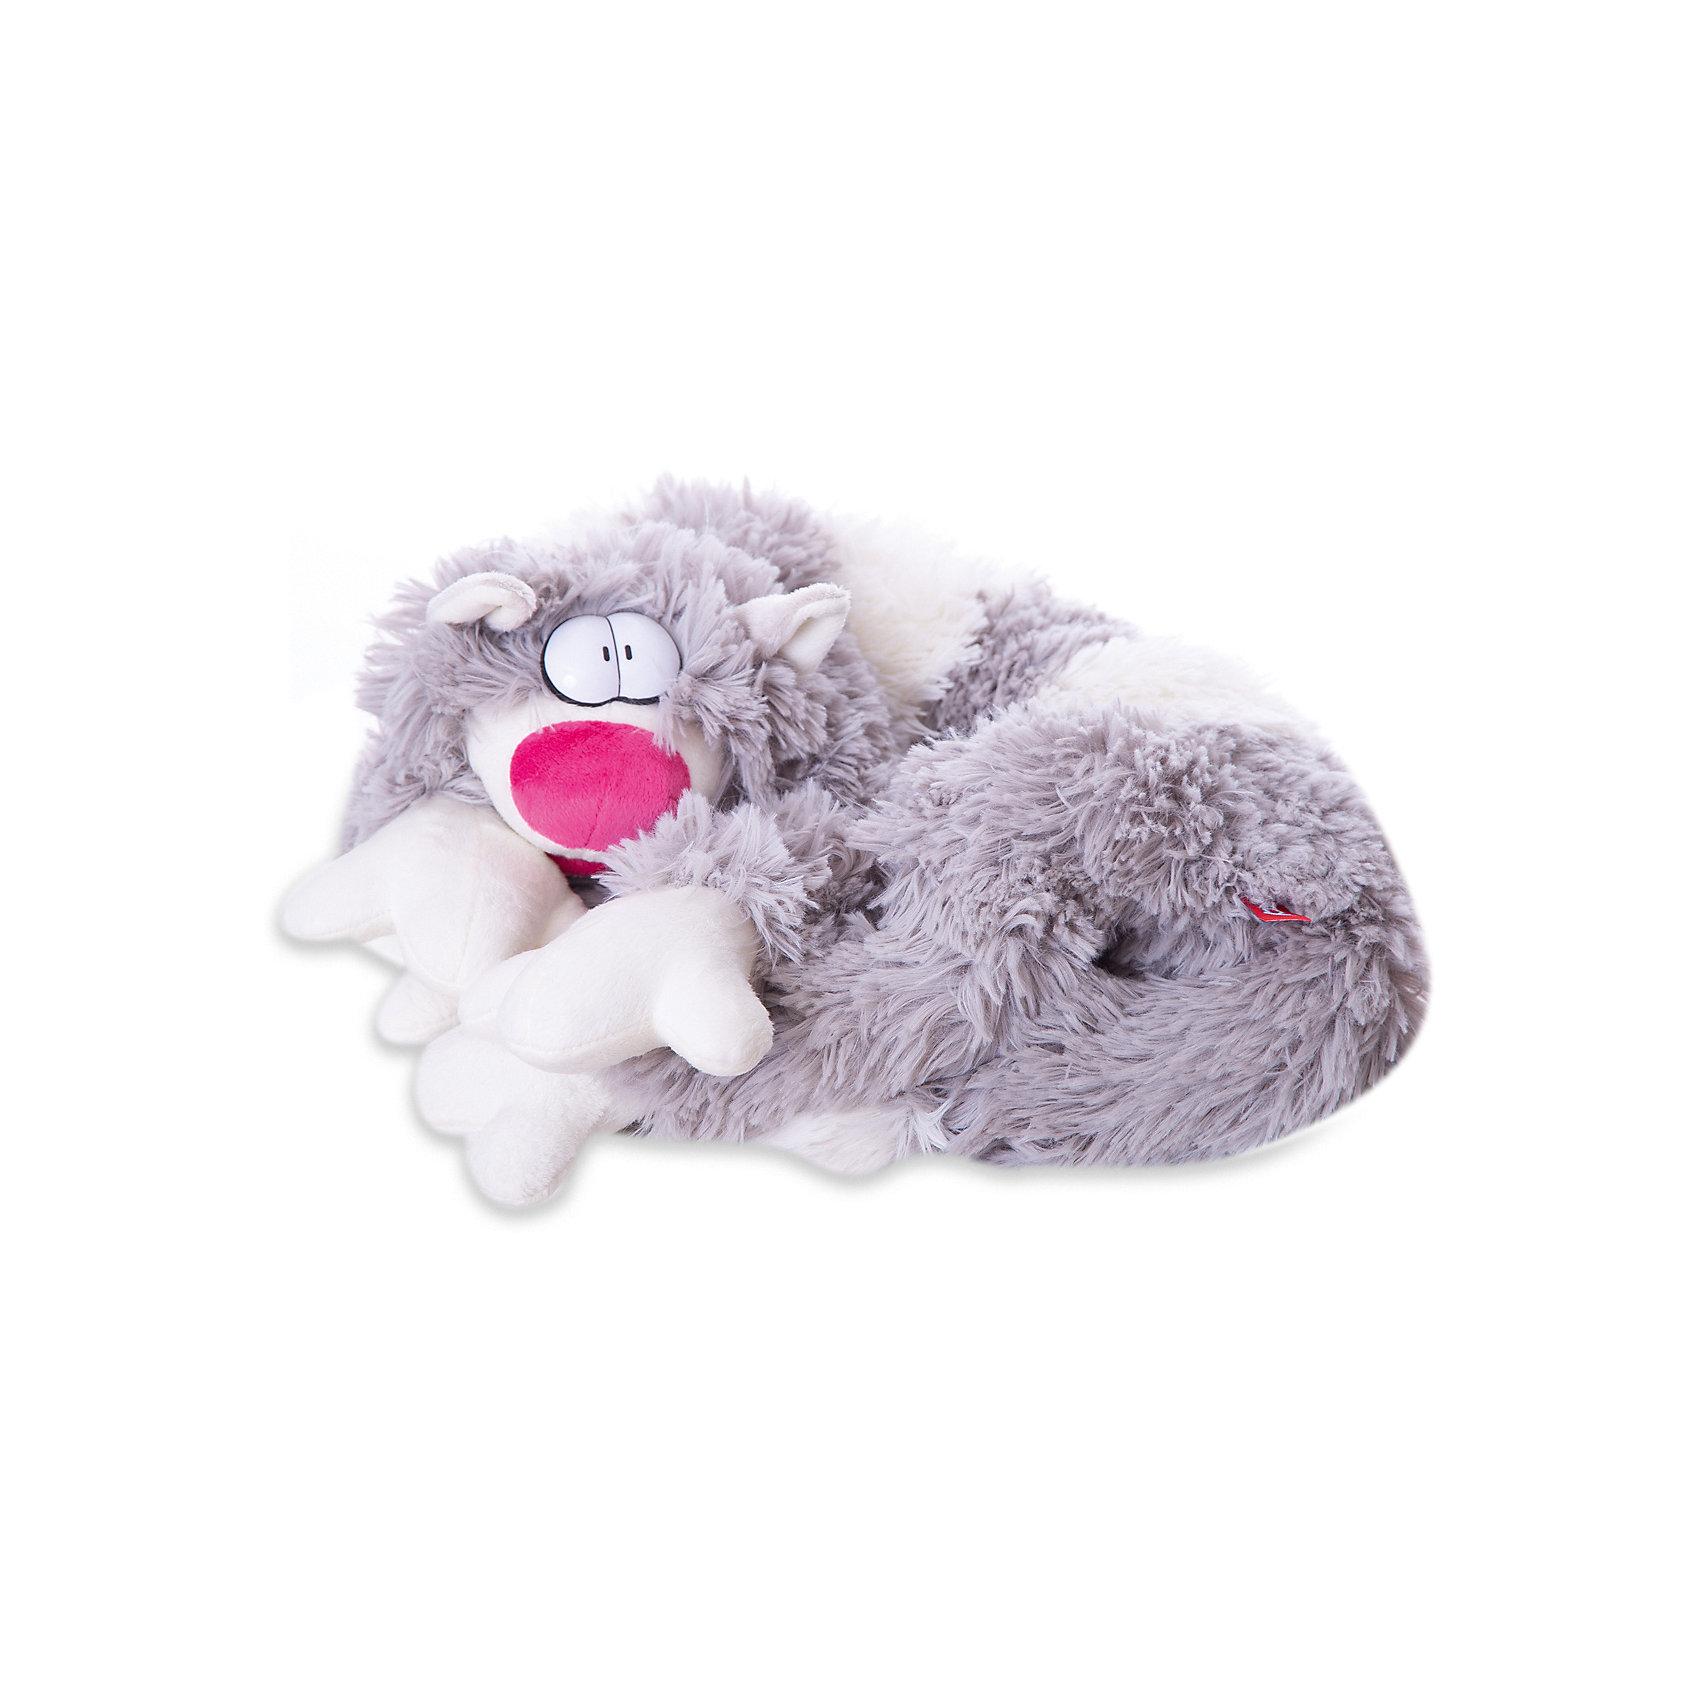 Мягкая игрушка Кот Бекон, FancyХарактеристики:<br><br>• длина игрушки: 80 см;<br>• тип игрушки: мягконабивная;<br>• материал: плюш, синтетический наполнитель. <br><br>Причудливый кот с выпученными глазами так и норовит приобнять хозяина. Пушистое существо длиной 80 см может стать шарфом, подушкой или ковриком. Котяра Бекон даже выпускает коготки, когда с ним забывают поиграть. <br><br>Мягкую игрушку Кот Бекон, Fancy можно купить в нашем магазине.<br><br>Ширина мм: 200<br>Глубина мм: 220<br>Высота мм: 800<br>Вес г: 410<br>Возраст от месяцев: 36<br>Возраст до месяцев: 2147483647<br>Пол: Унисекс<br>Возраст: Детский<br>SKU: 5268998